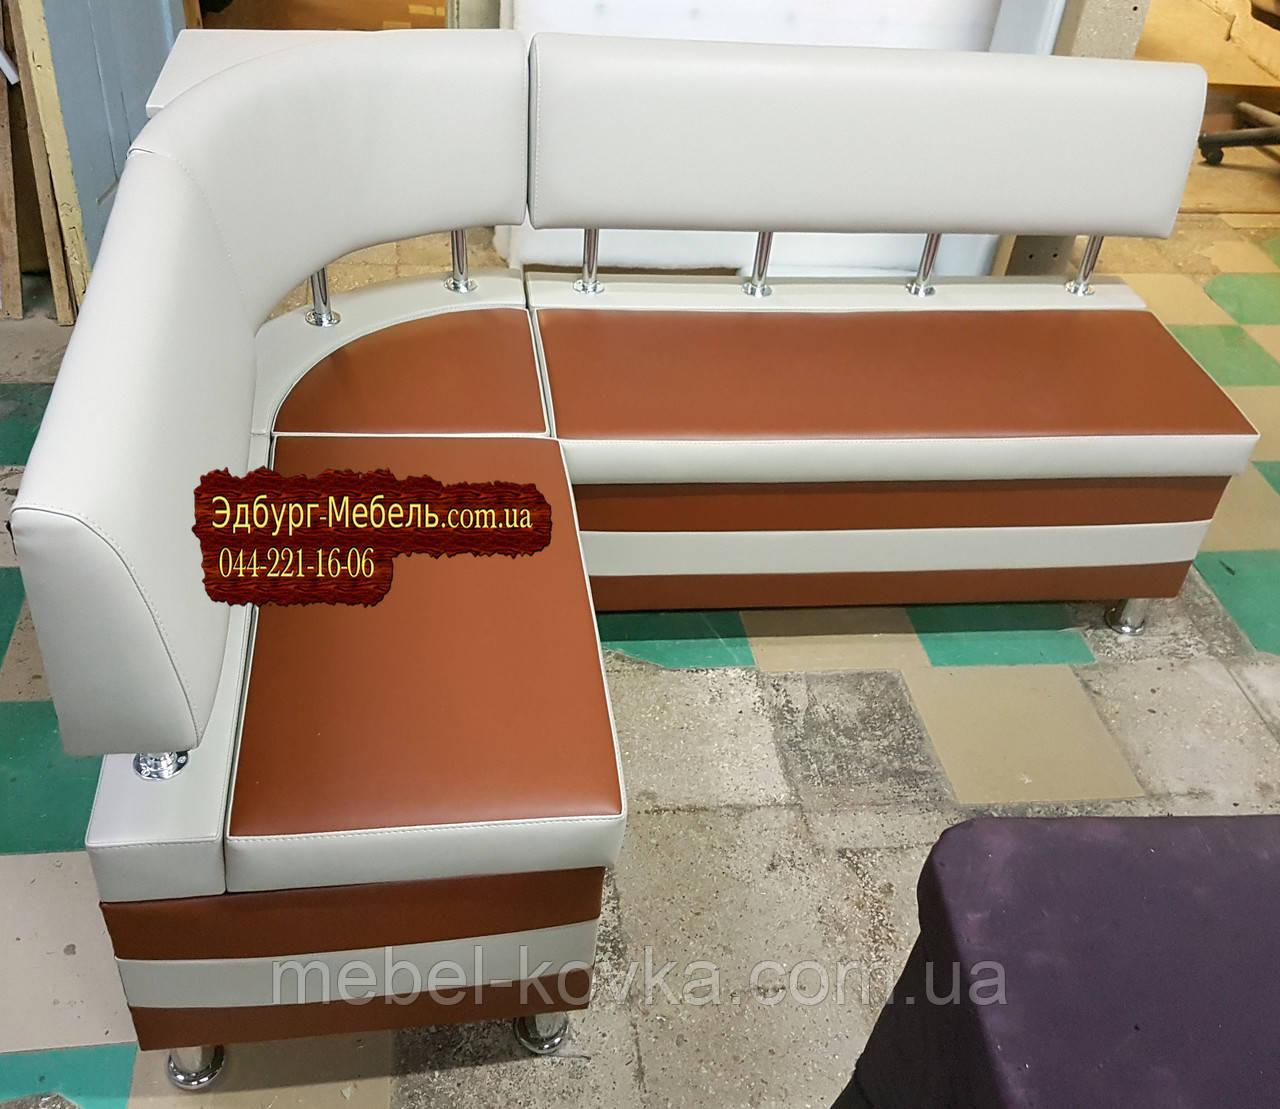 Небольшой кухонный уголок с ящиками